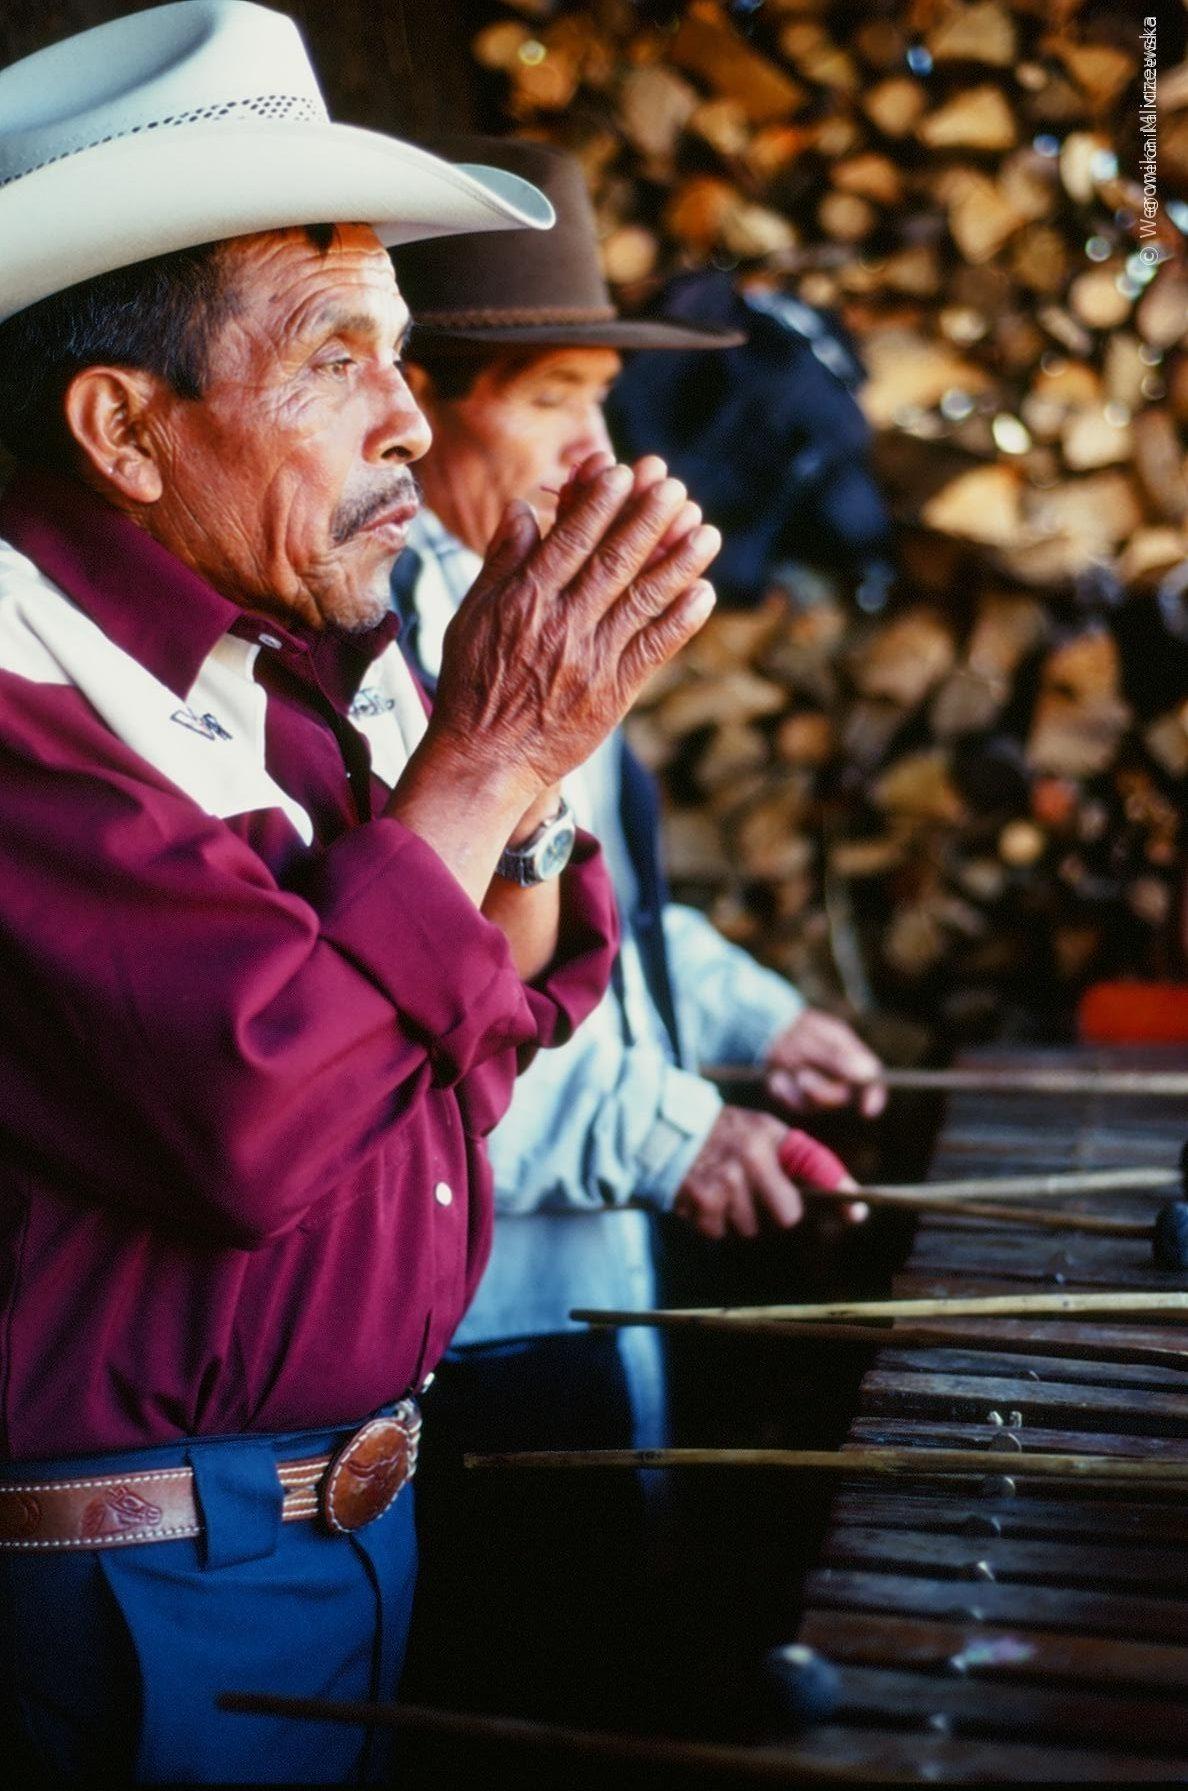 Modlitwa jednego z grajków przed wygrywaniem melodii na świętym instrumencie marimba. Dźwięk według Majów tworzy przestrzeń wokół nas. Gwatemala, fotografia: Weronika Mliczewska.